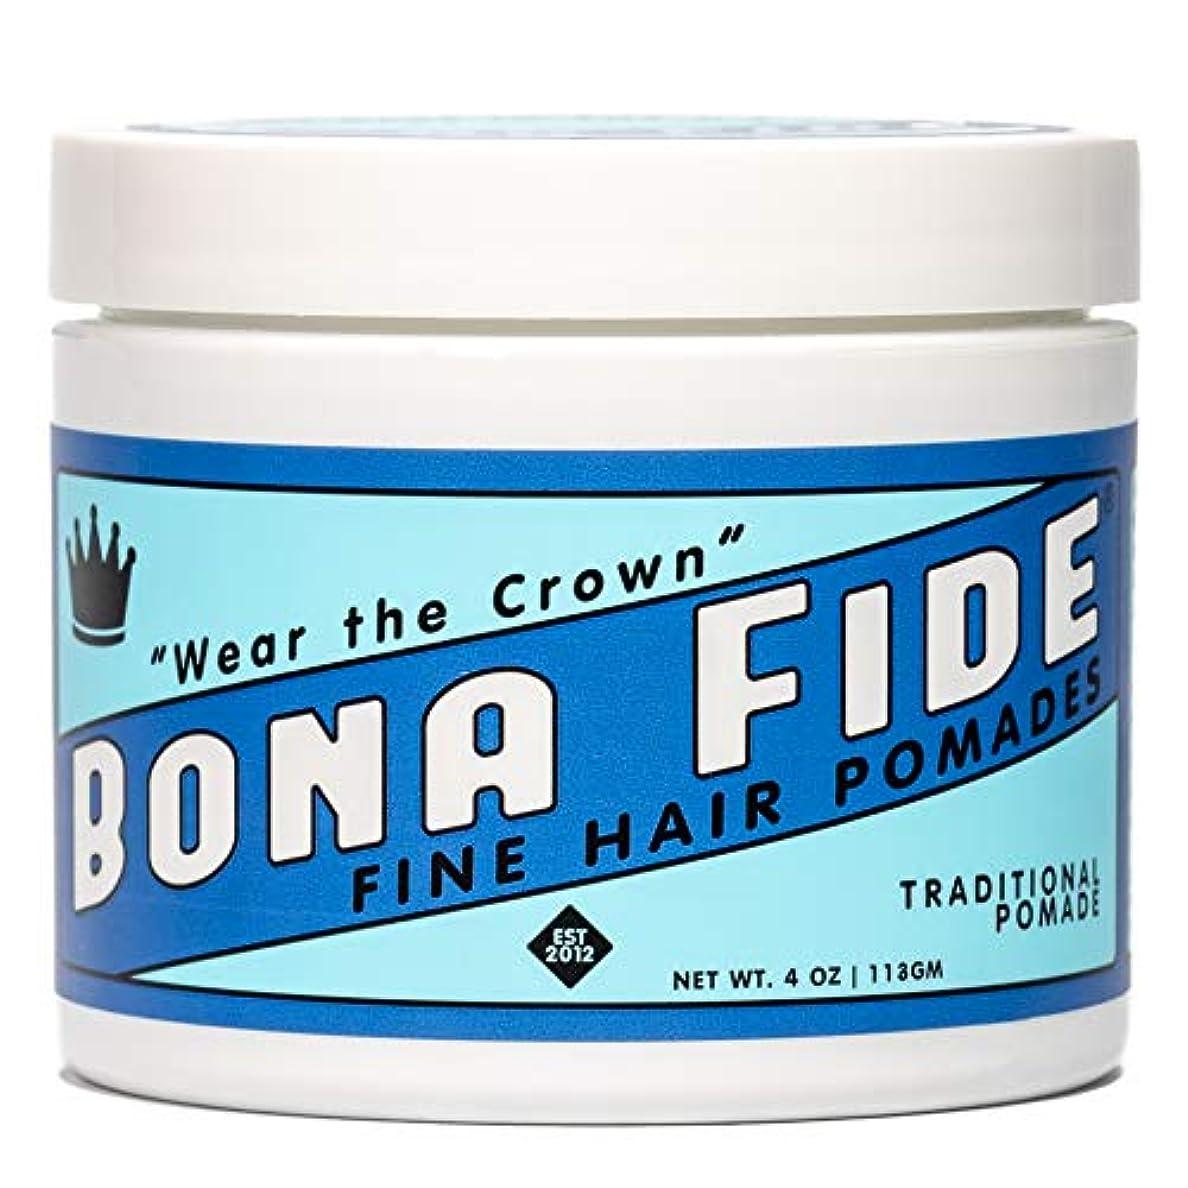 保存するルネッサンスフォアマンBona Fide Pomade, トラディショナルポマード, TRADITIONAL POMADE, 4oz (113g)、オイルベースポマード (整髪料/ヘアー スタイリング剤)